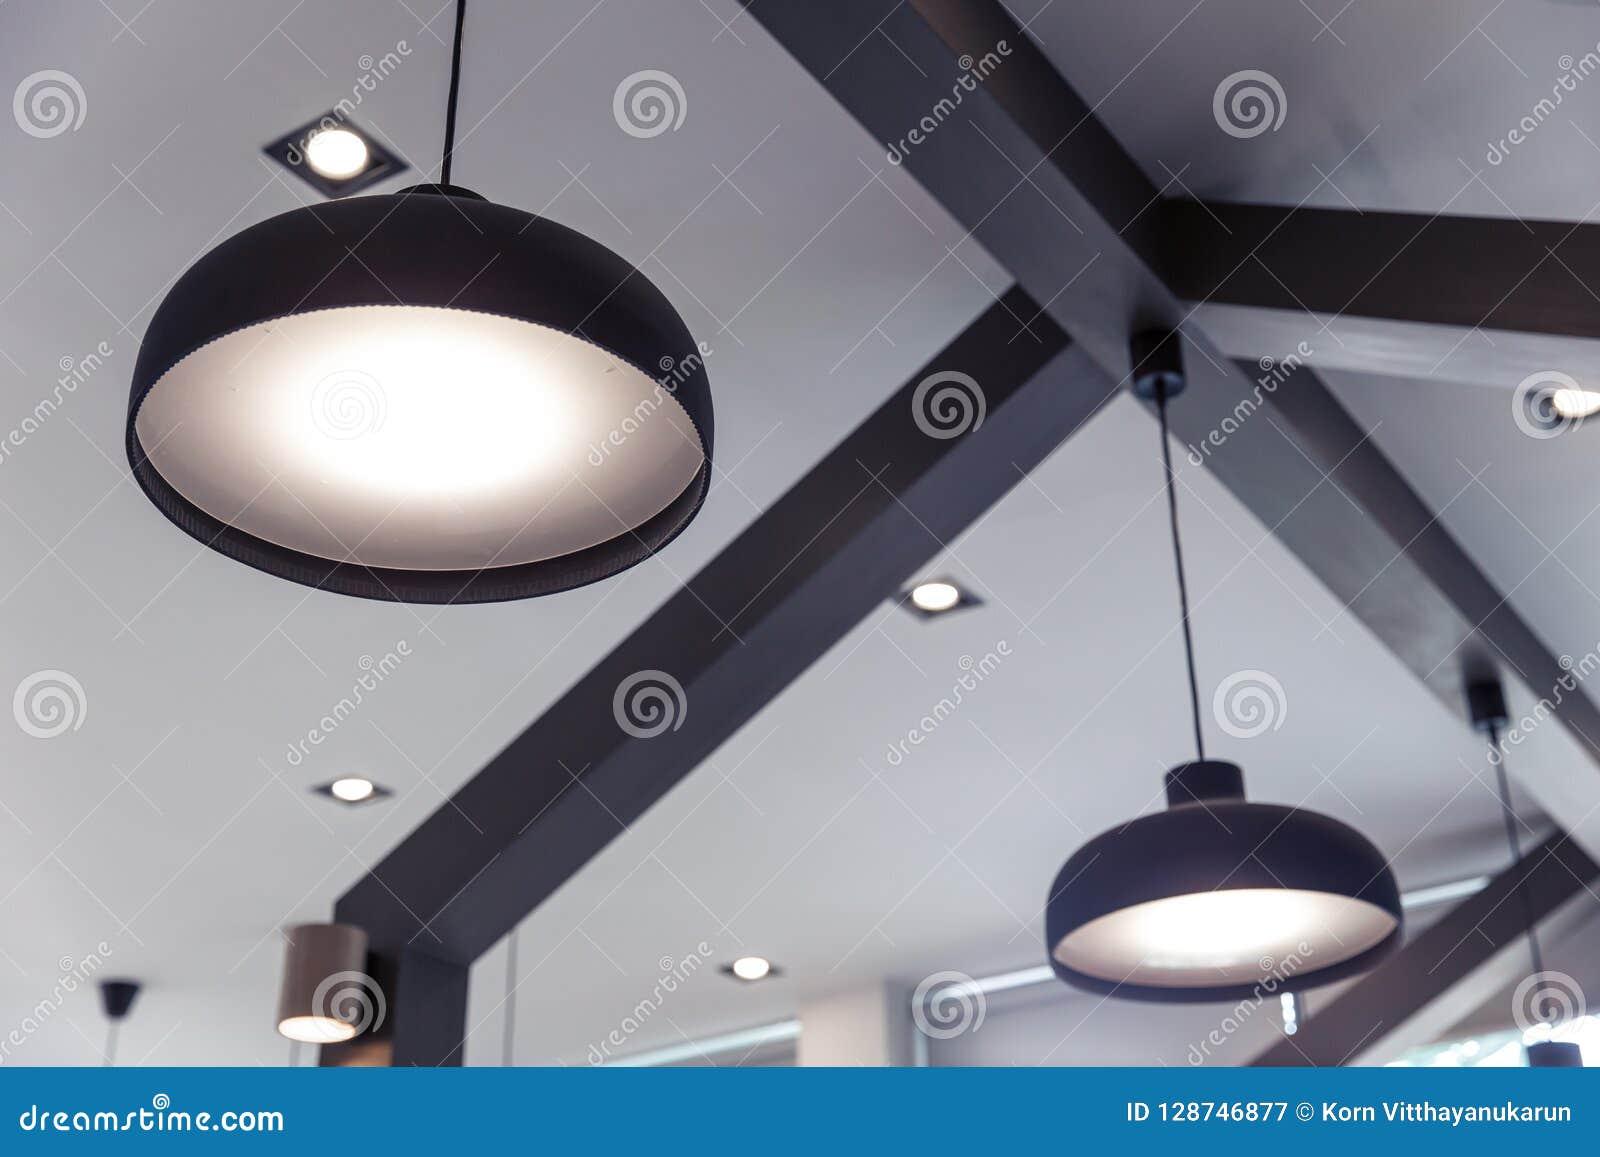 стиль украшения дизайна интерьера освещения современный домашний